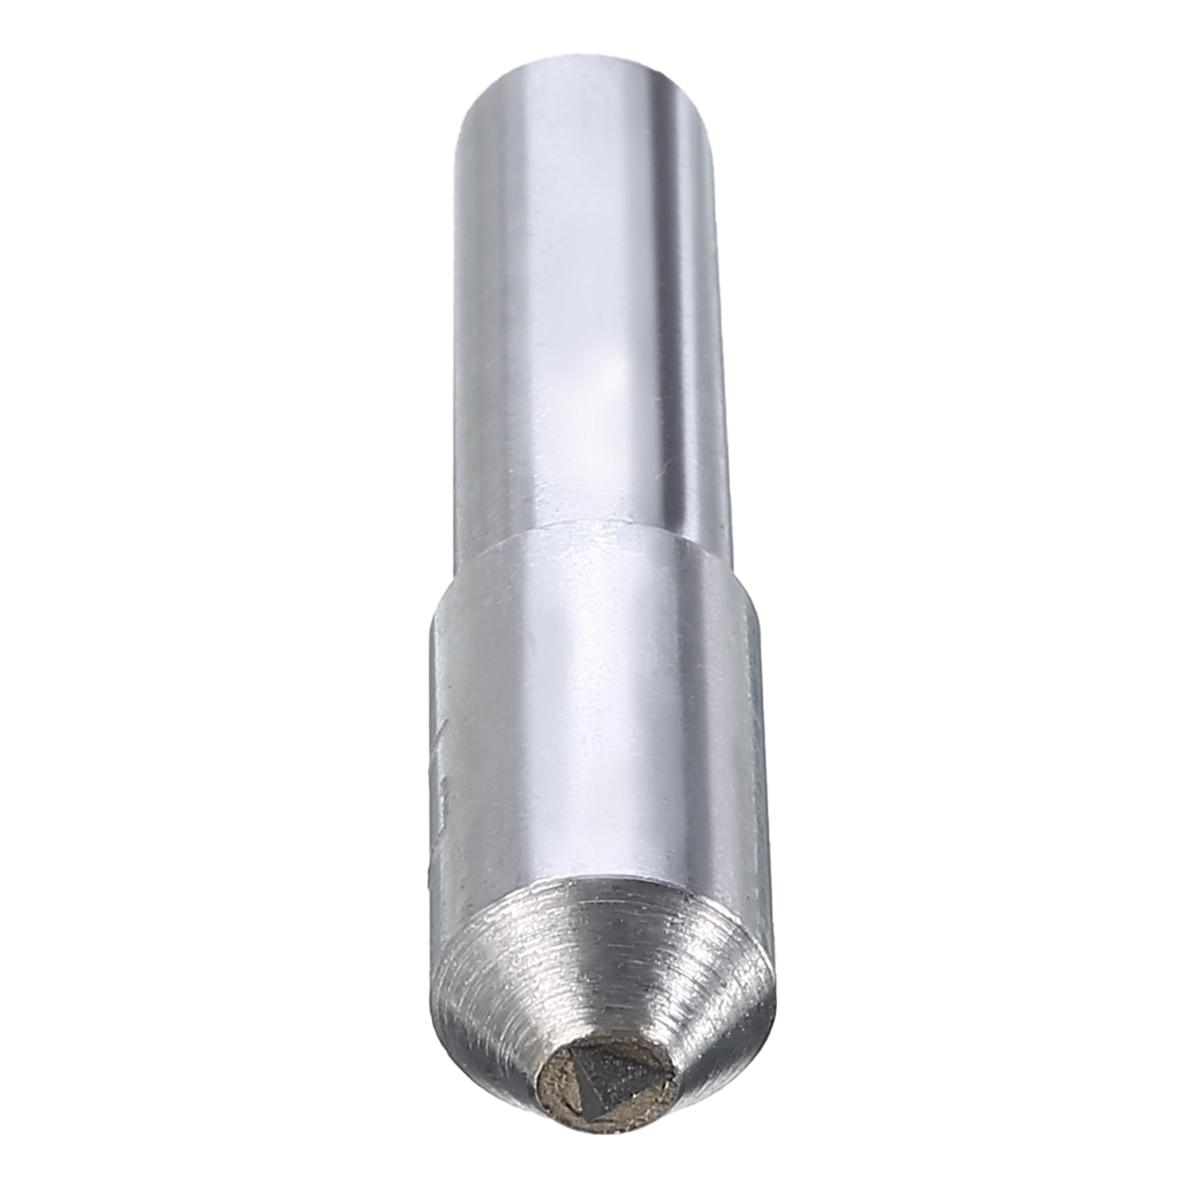 1pc New 11mm*50mm Diamond Dresser Grinding Wheel Grinder Dressing Pen Tool For Power Tool